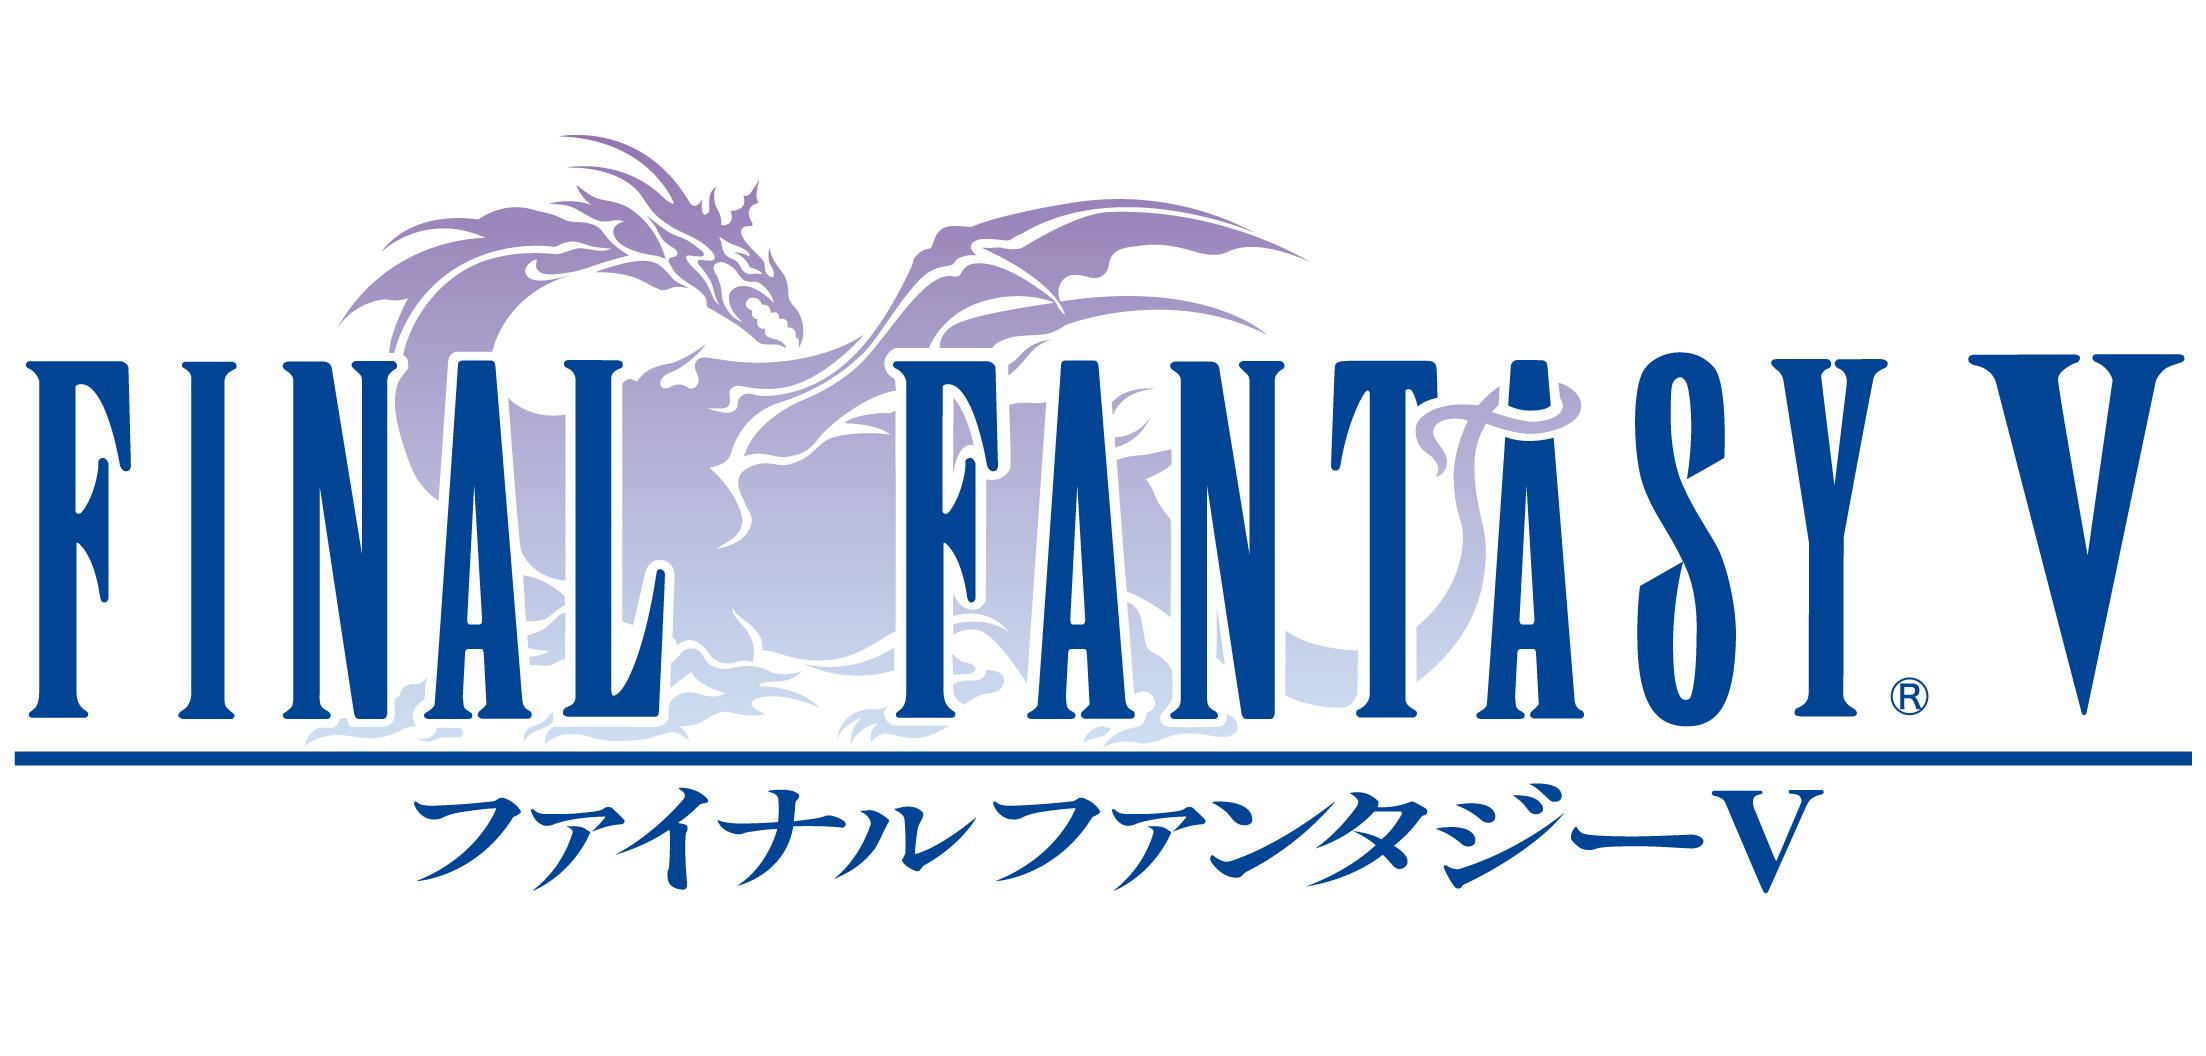 final fantasy 6 ios download